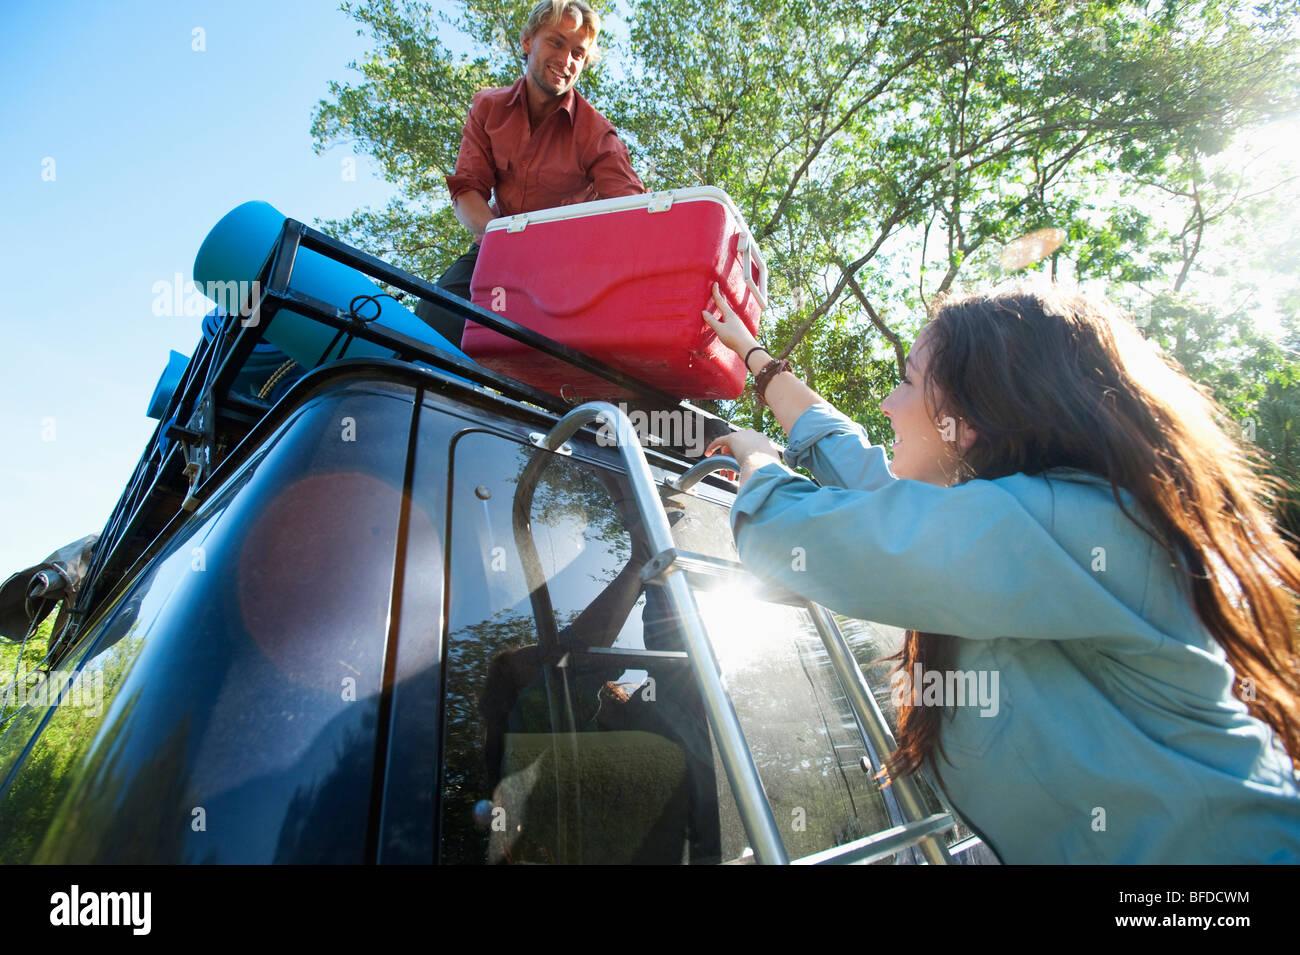 Un paio di carichi un refrigeratore su un furgone in Florida. Immagini Stock